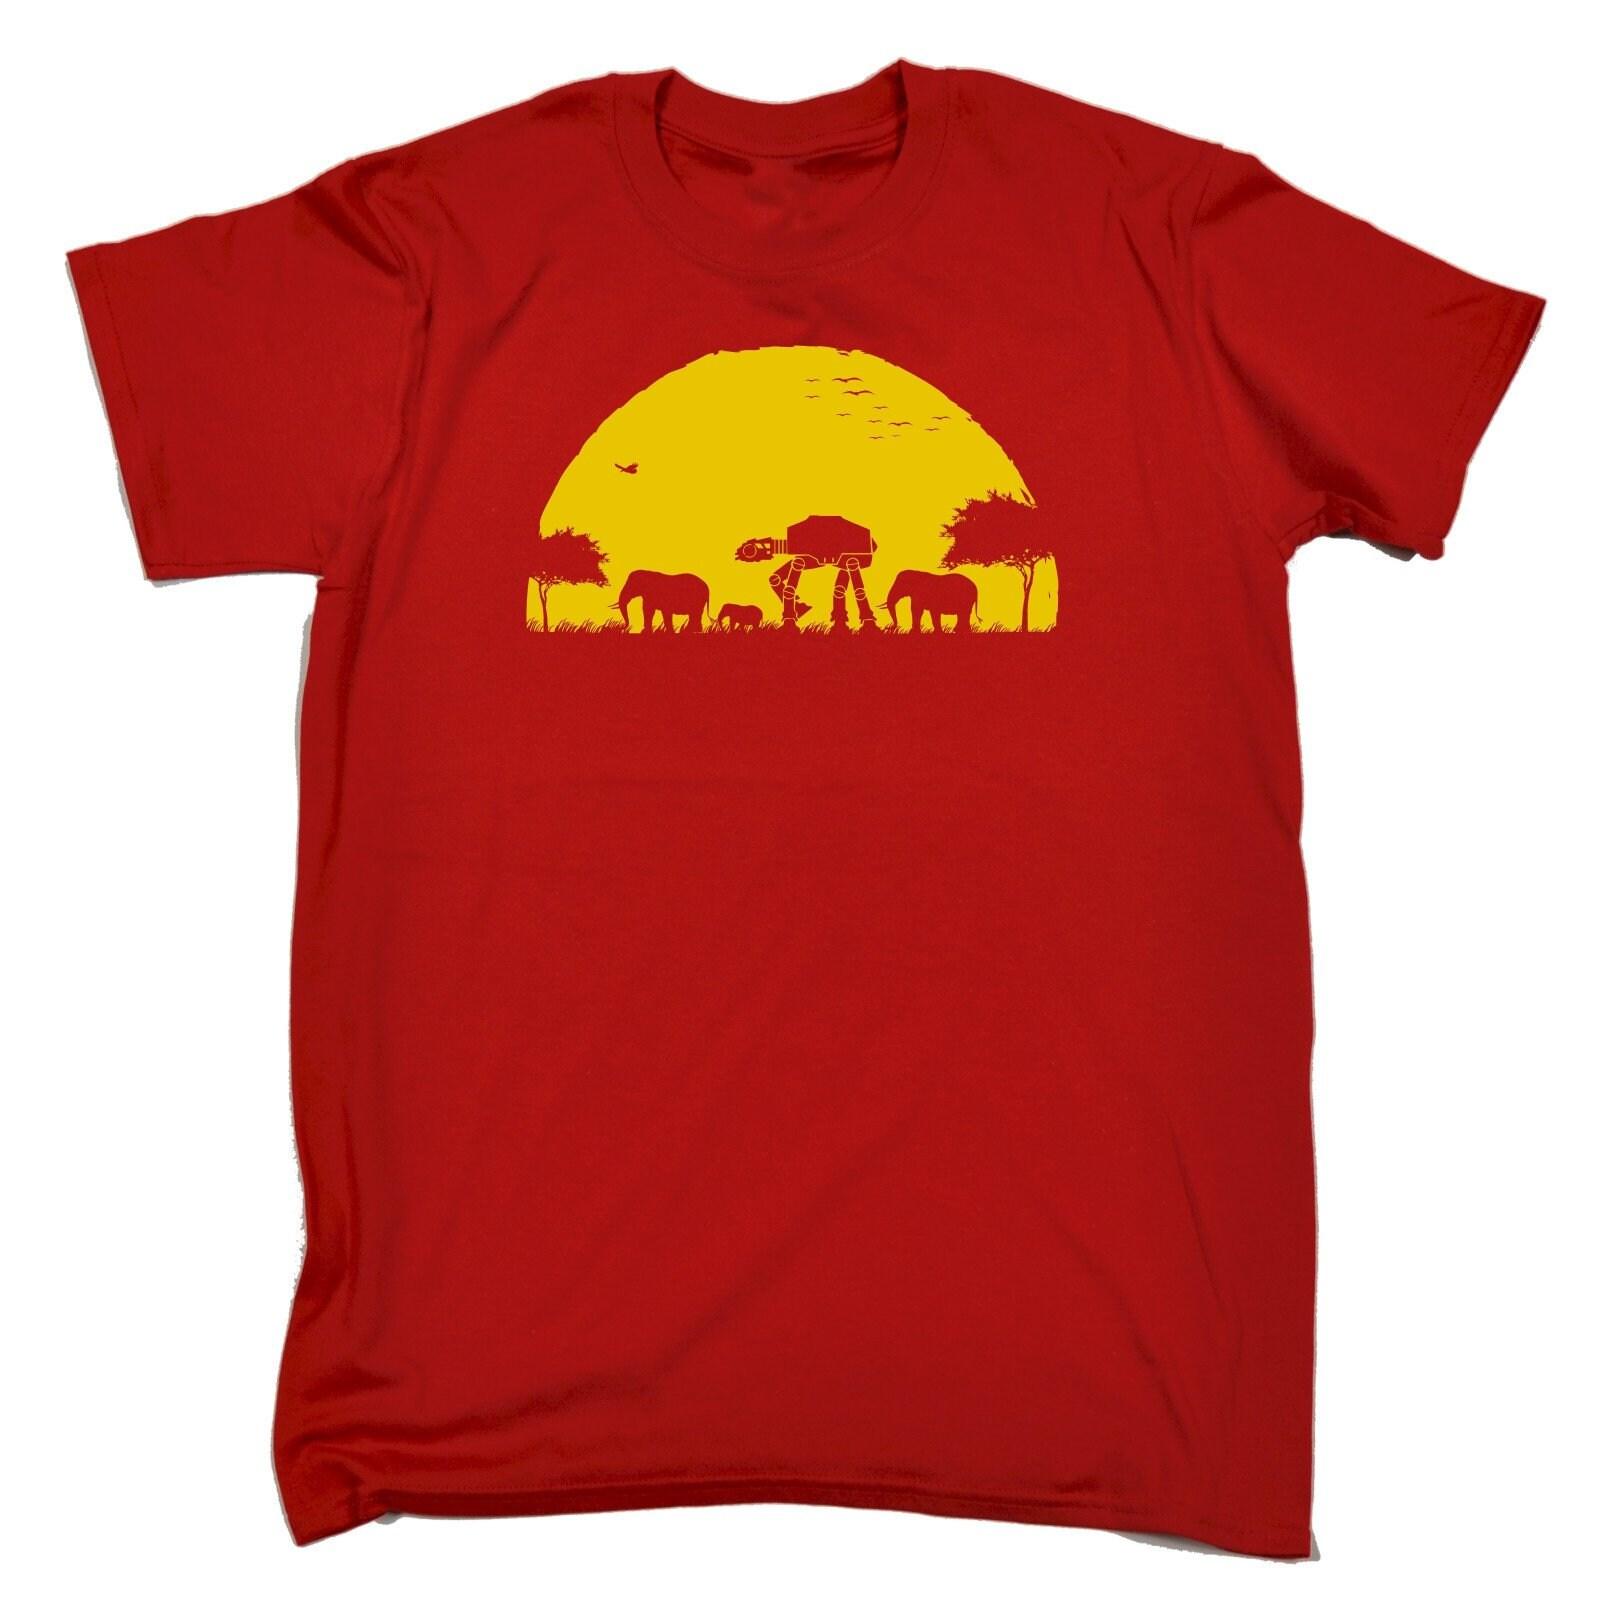 Atat coucher de soleil Design T-Shirt T drôle Tee Tshirt T T-Shirt Shirts nouveauté drôle cadeau d'anniversaire hommes 123t cadeau Noël eaccd8